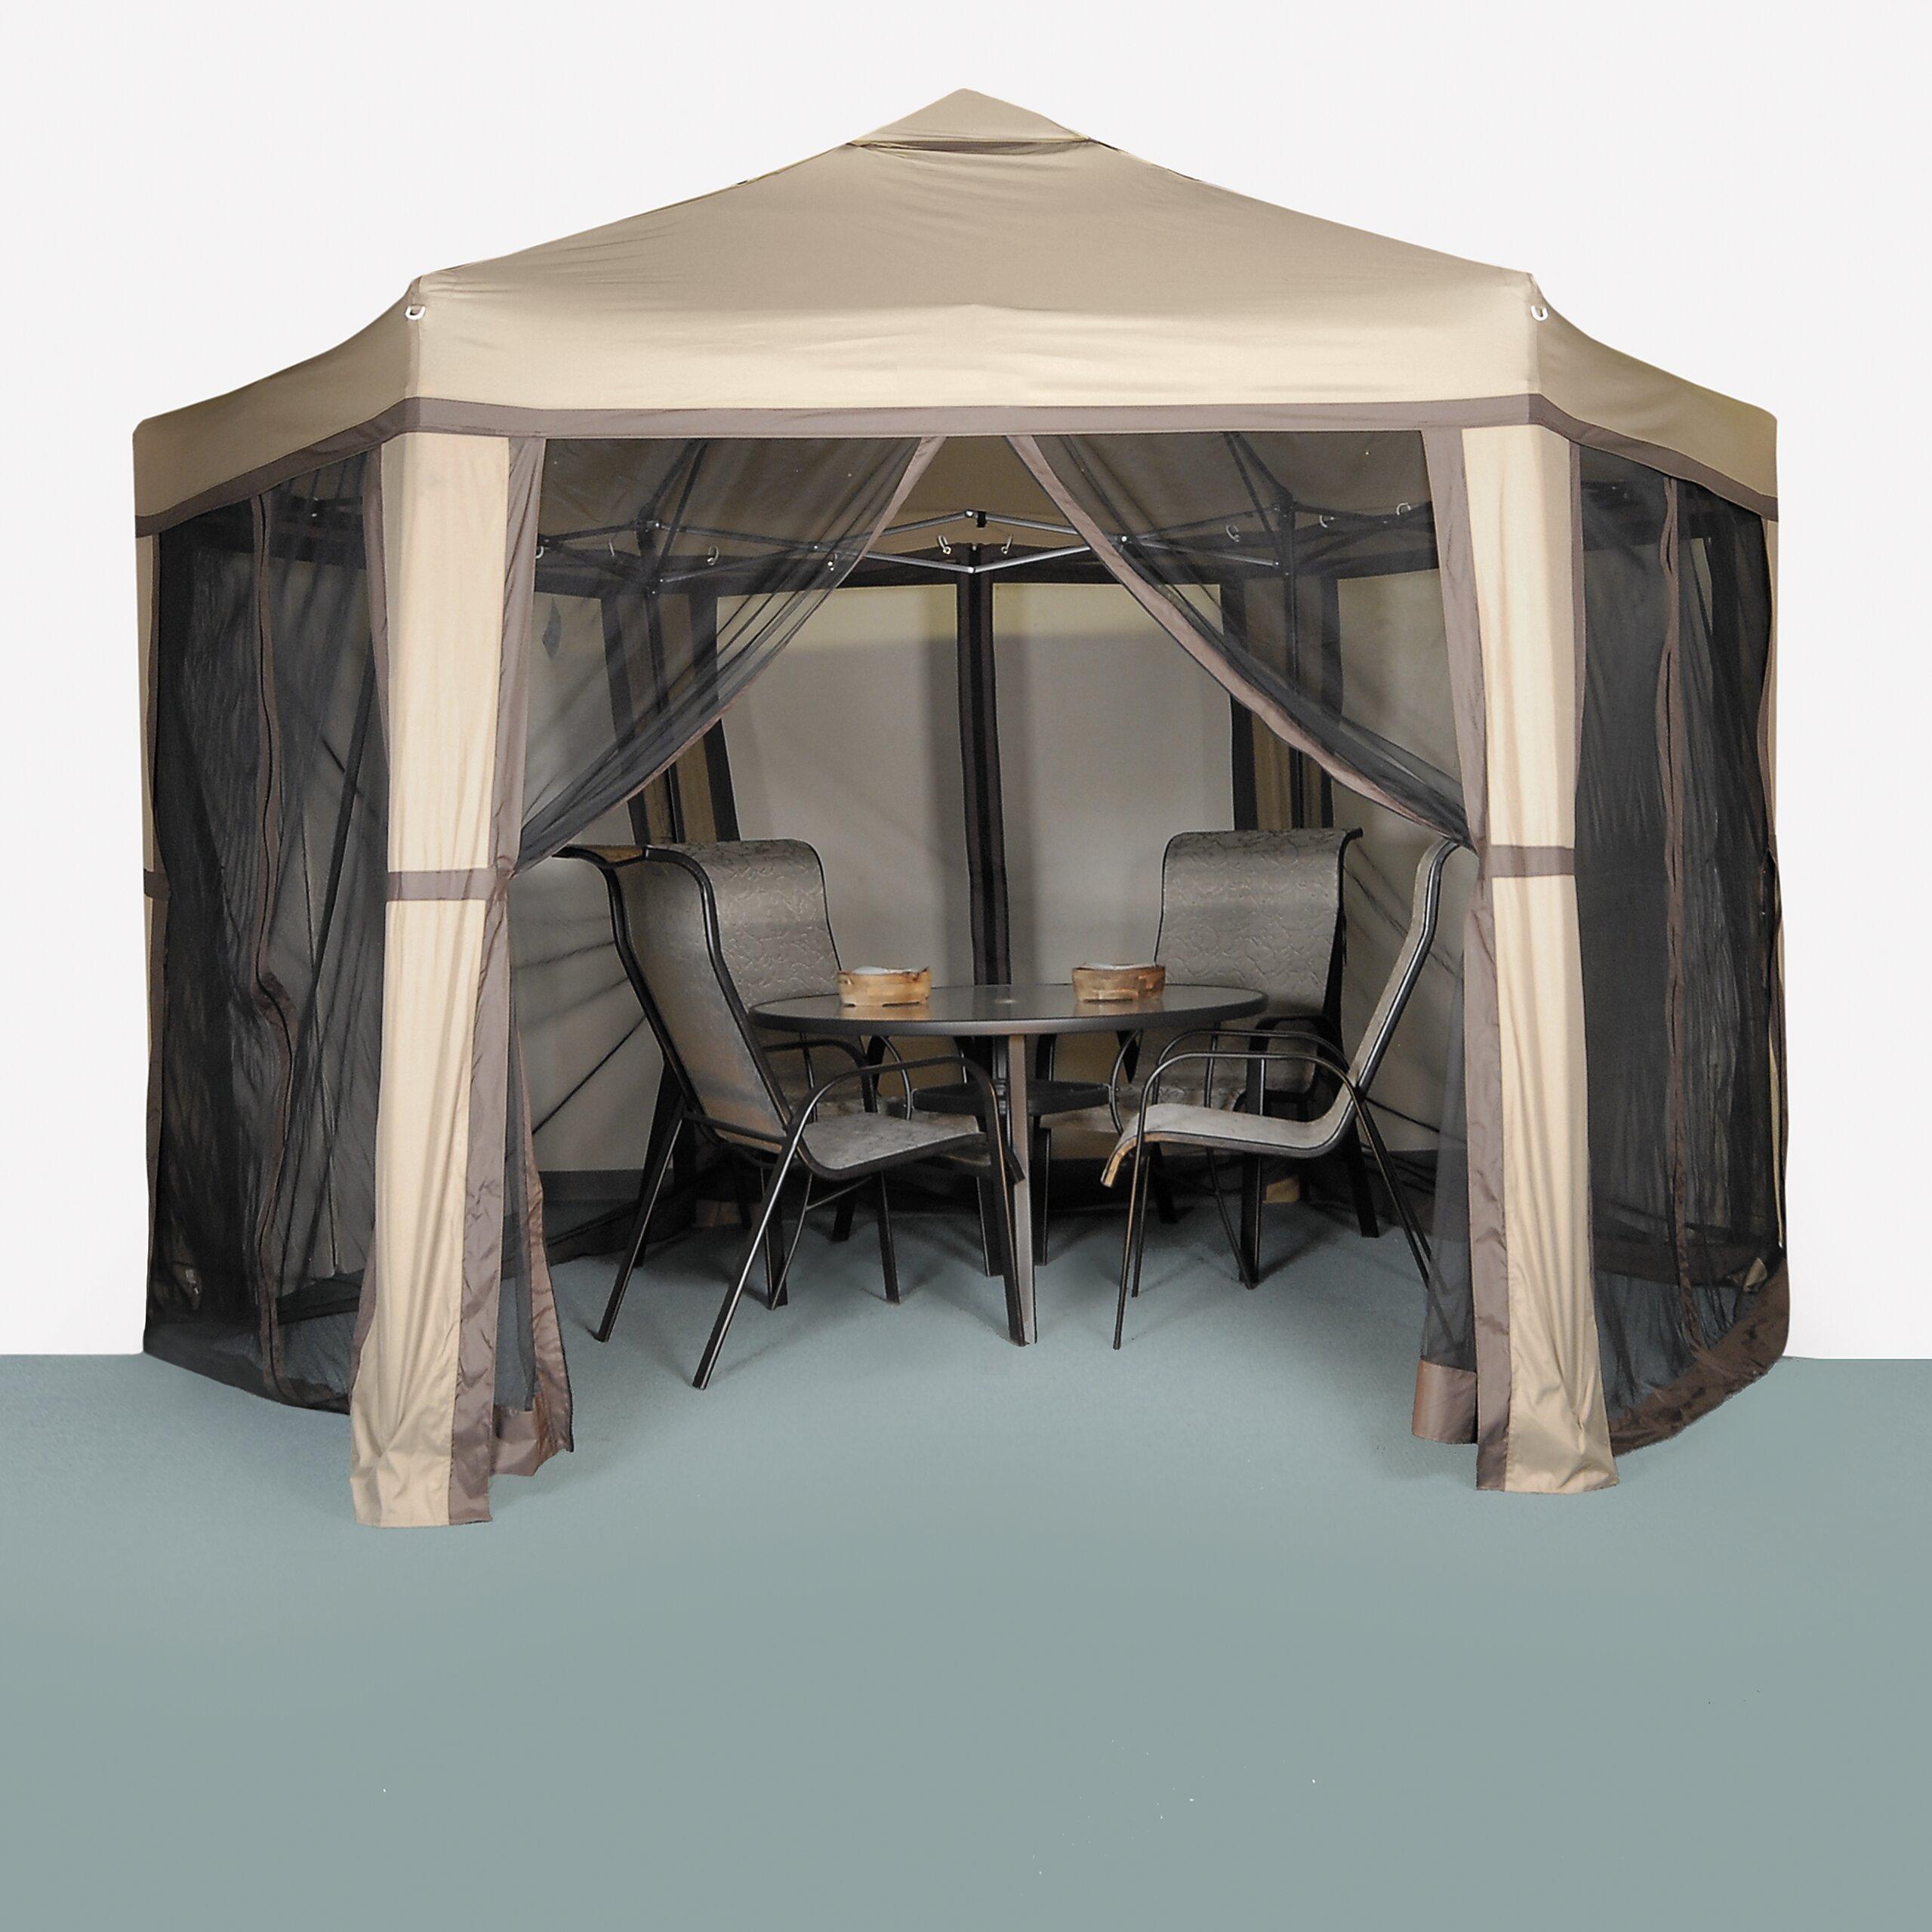 lb international promo hex 12 ft w x 10 ft d polyester. Black Bedroom Furniture Sets. Home Design Ideas